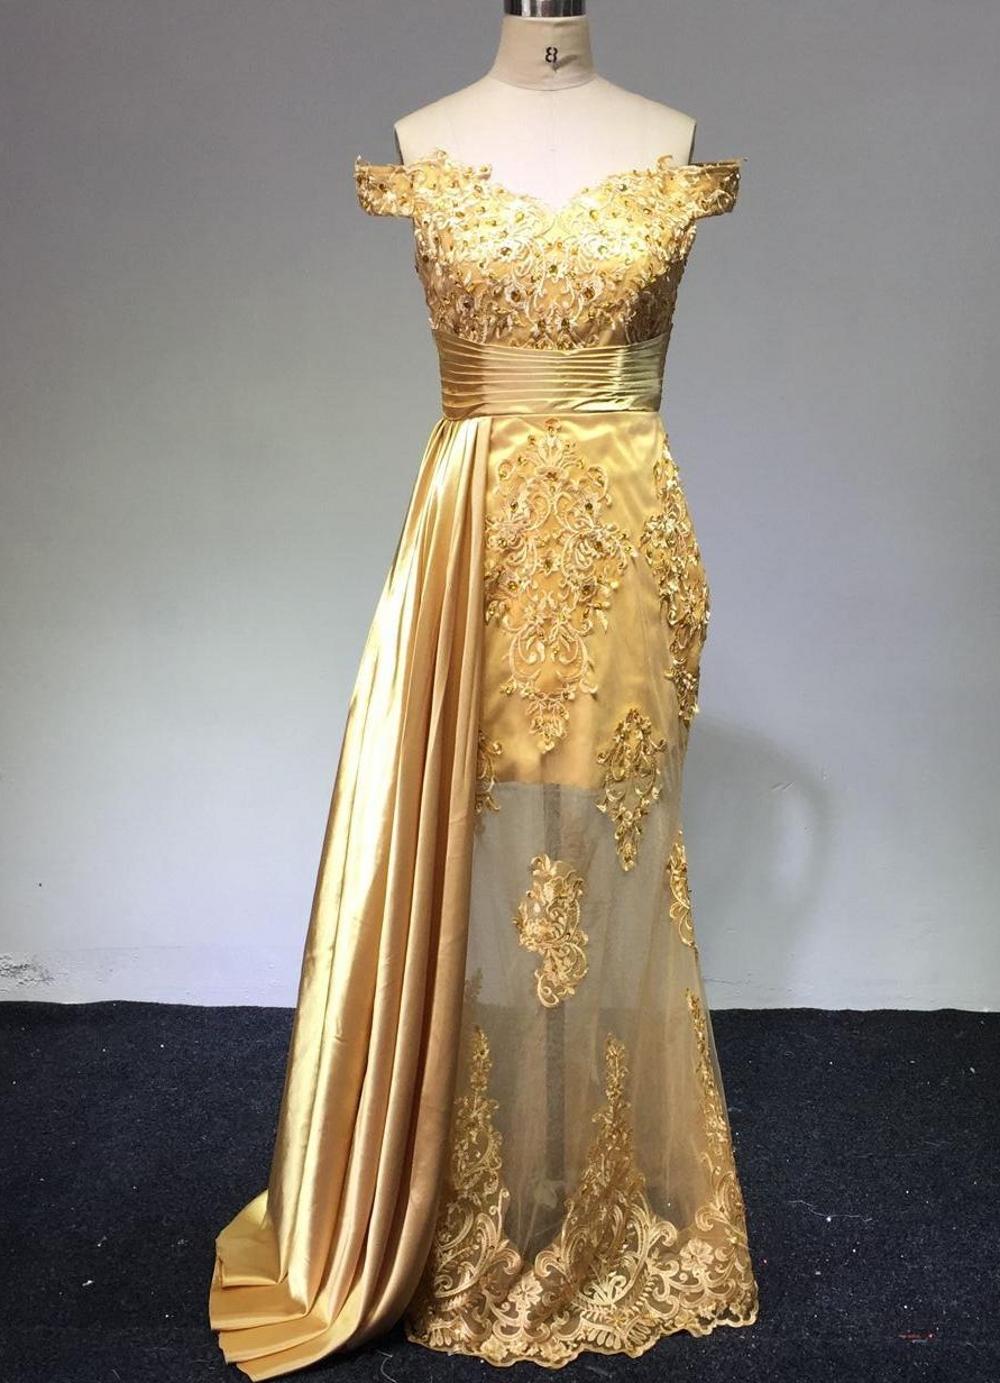 Rabatt Goldene Lange Kleider Arabisch  18 Goldene Lange Kleider